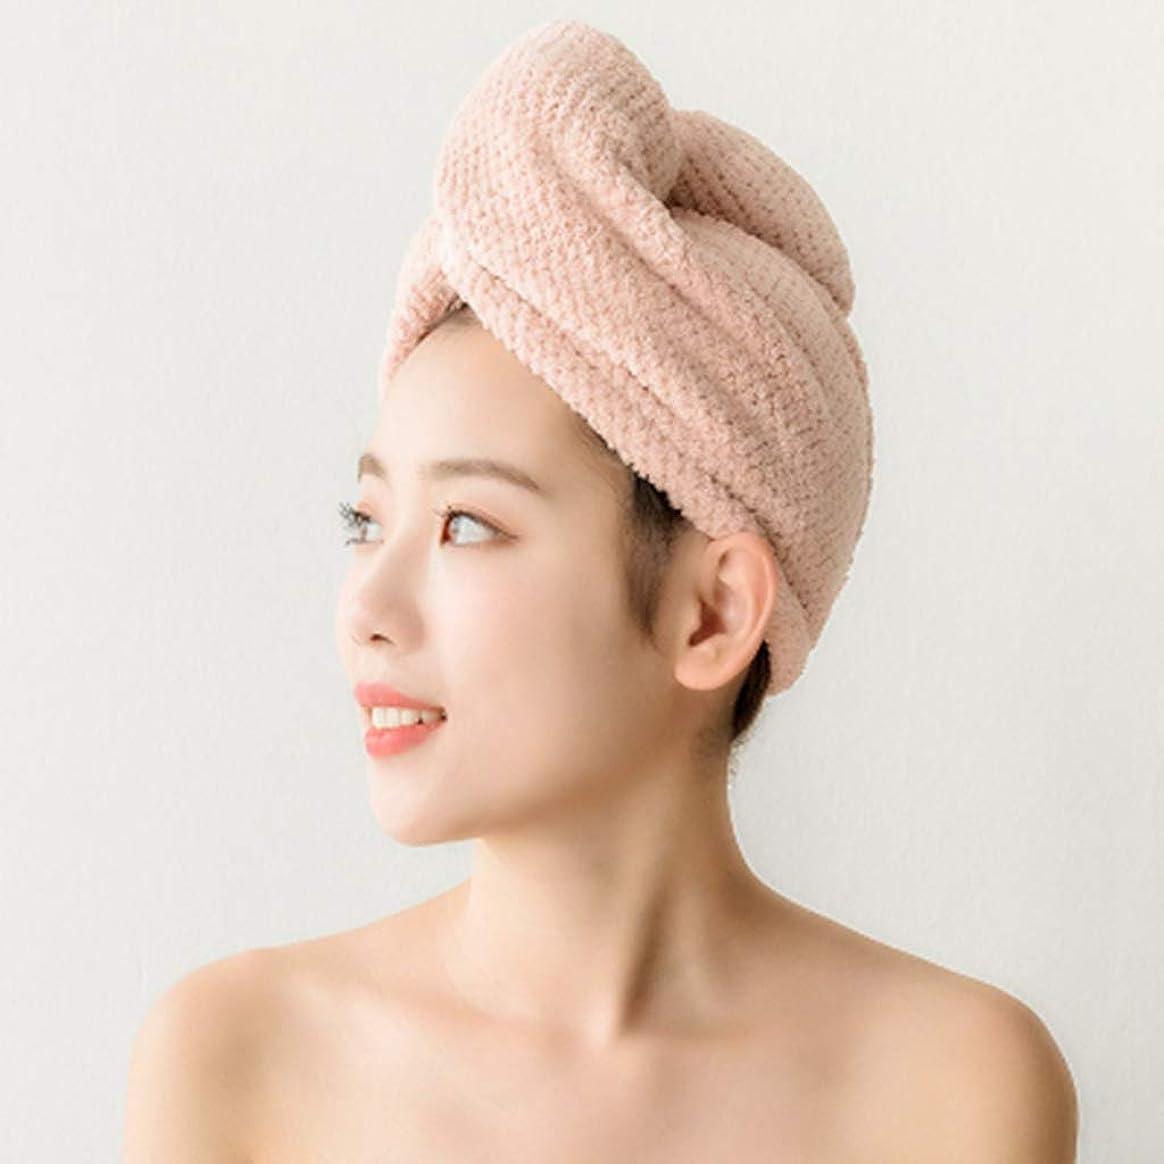 公平な理由しおれたヘアドライタオル 今治 速乾 ヘアターバン ヘア ドライ タオル 大人用 吸水タオル お風呂 バス用品 プレゼント 4カラー (Pink)